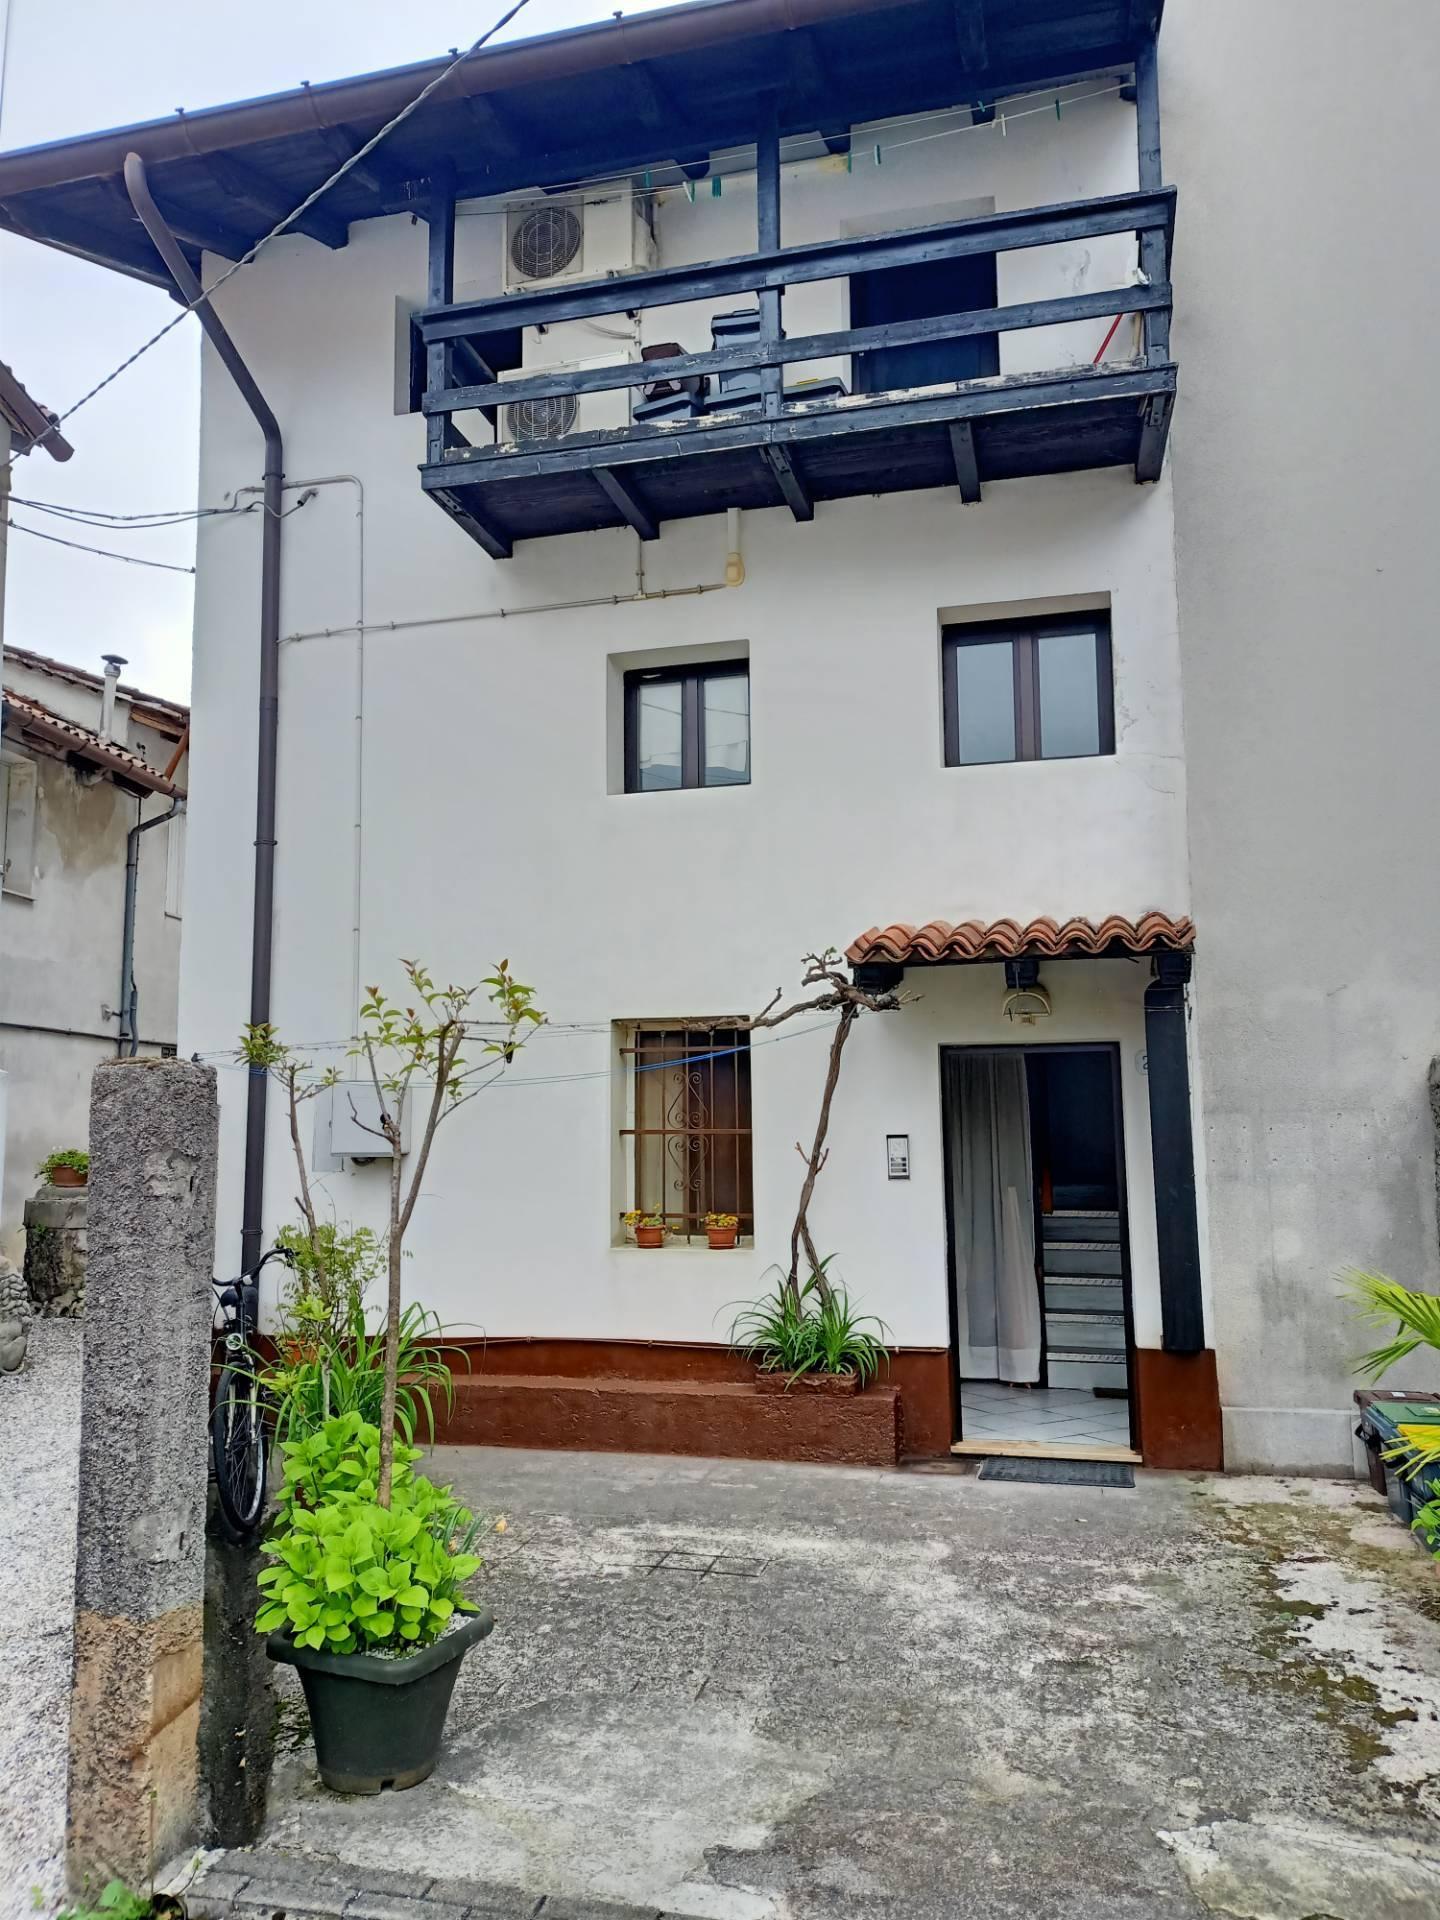 Soluzione Indipendente in vendita a Udine, 3 locali, zona Zona: Rizzi, prezzo € 100.000   CambioCasa.it